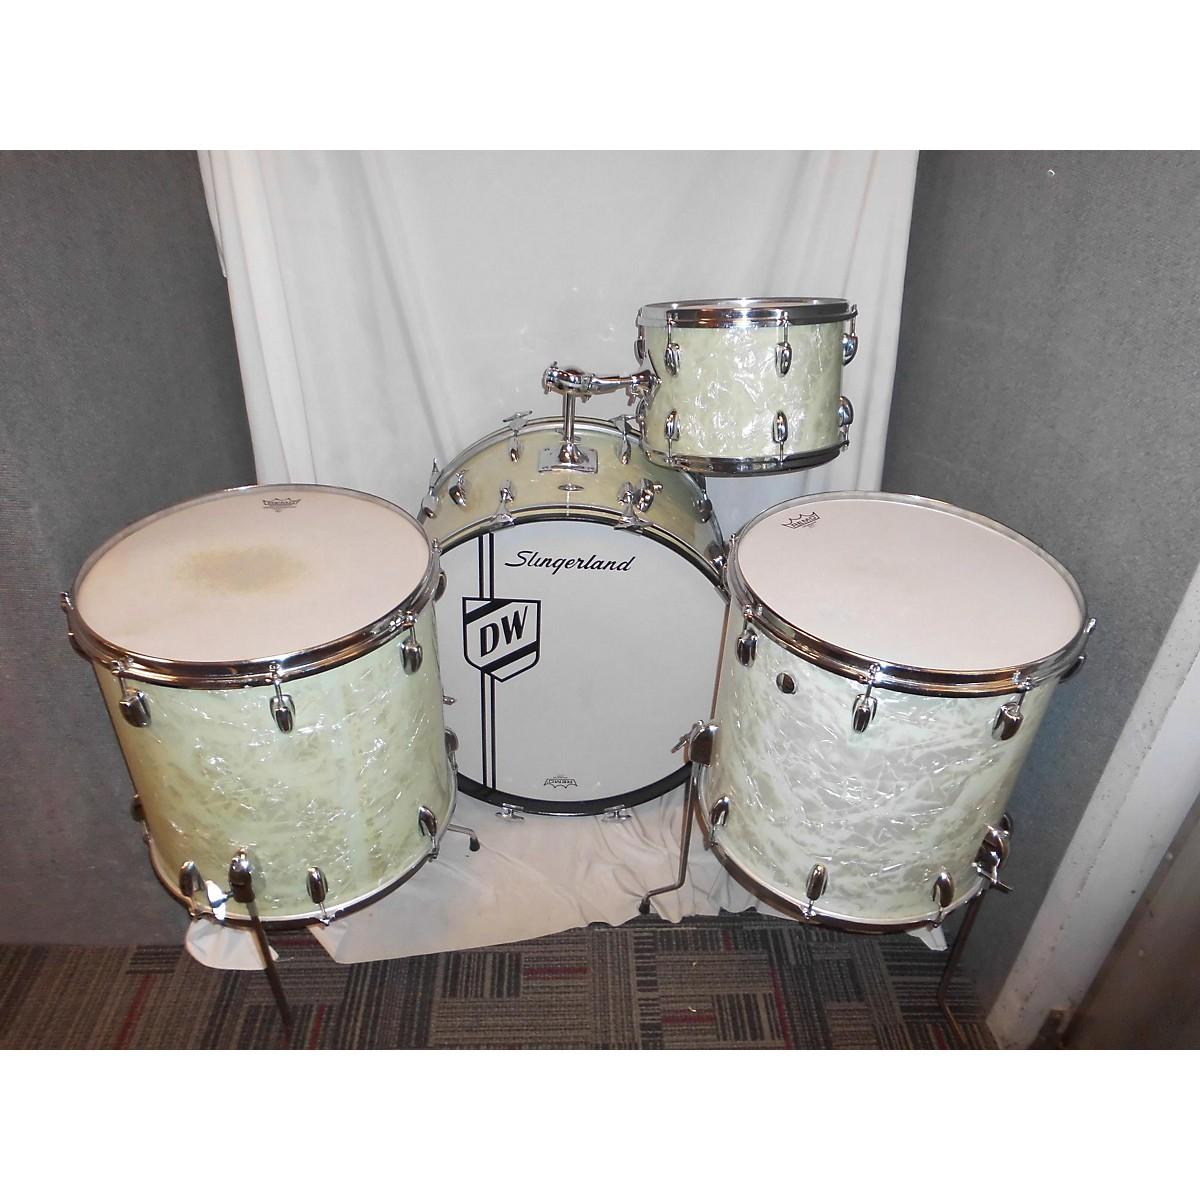 Slingerland 1970s 1970s JAZZ ROCK Drum Kit